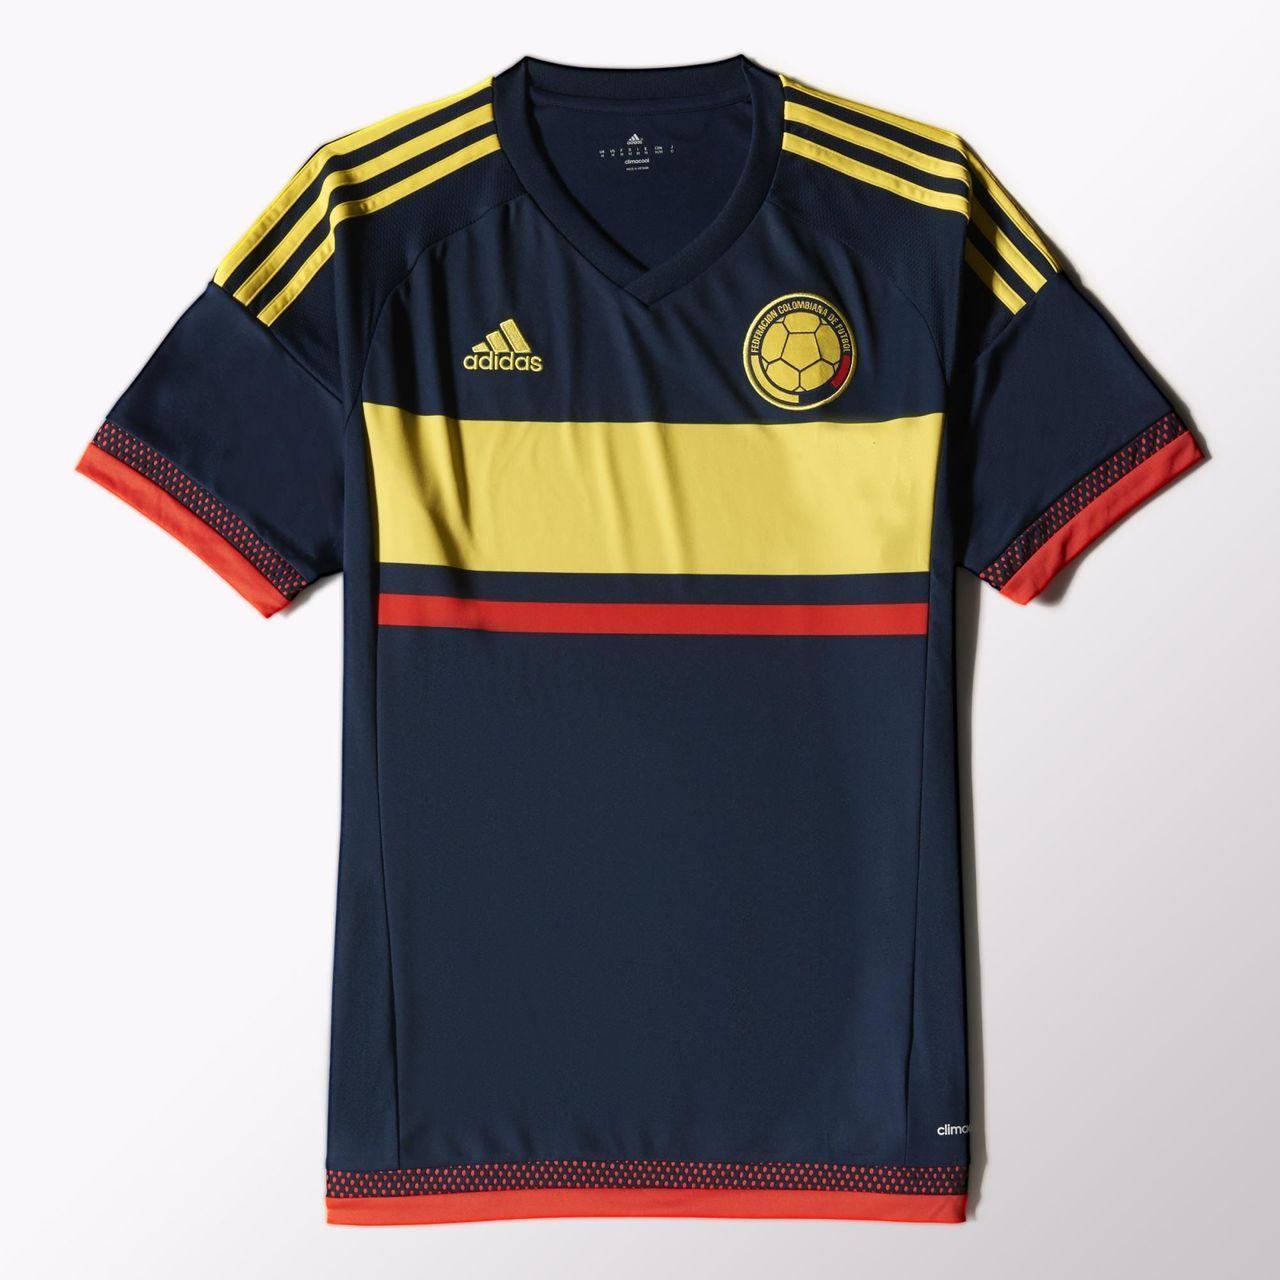 50c0865aa Colombia 2015 Adidas Away Football Shirt